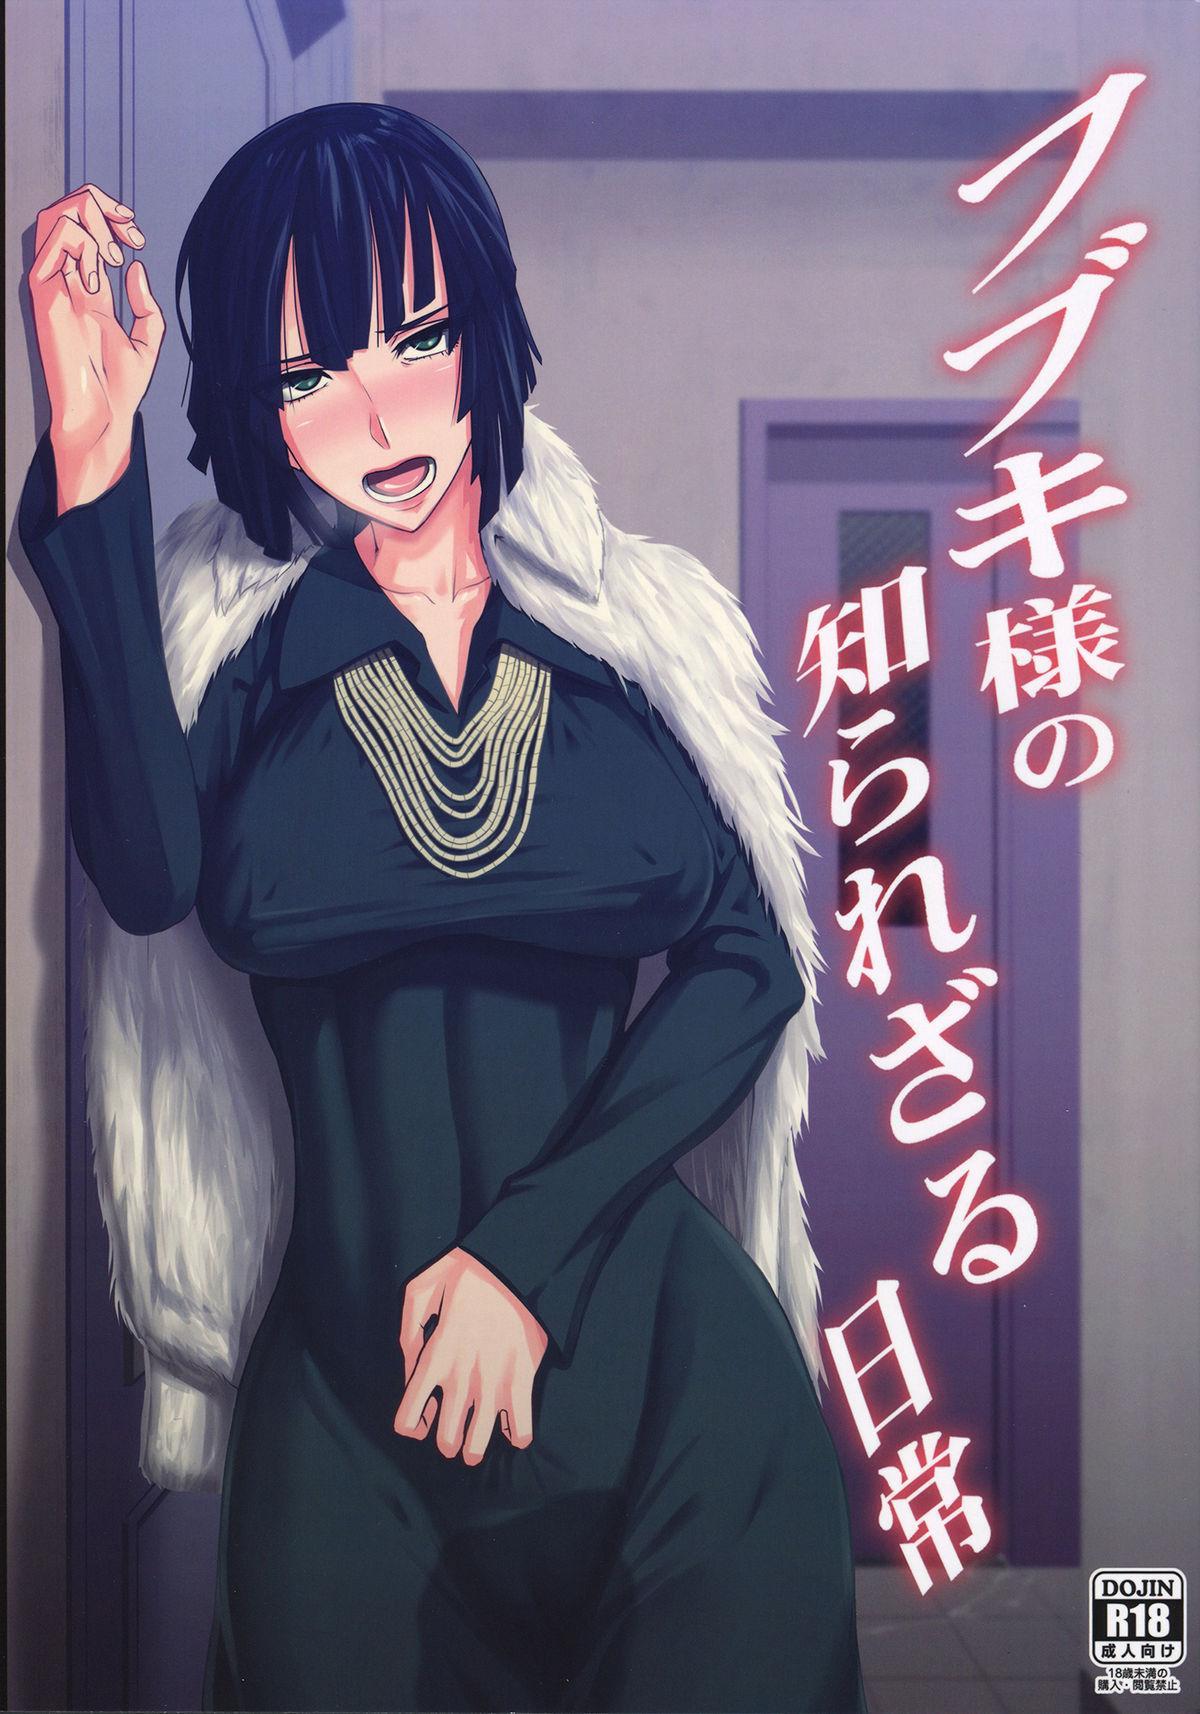 Fubuki-sama no Shirarezaru Nichijou 0